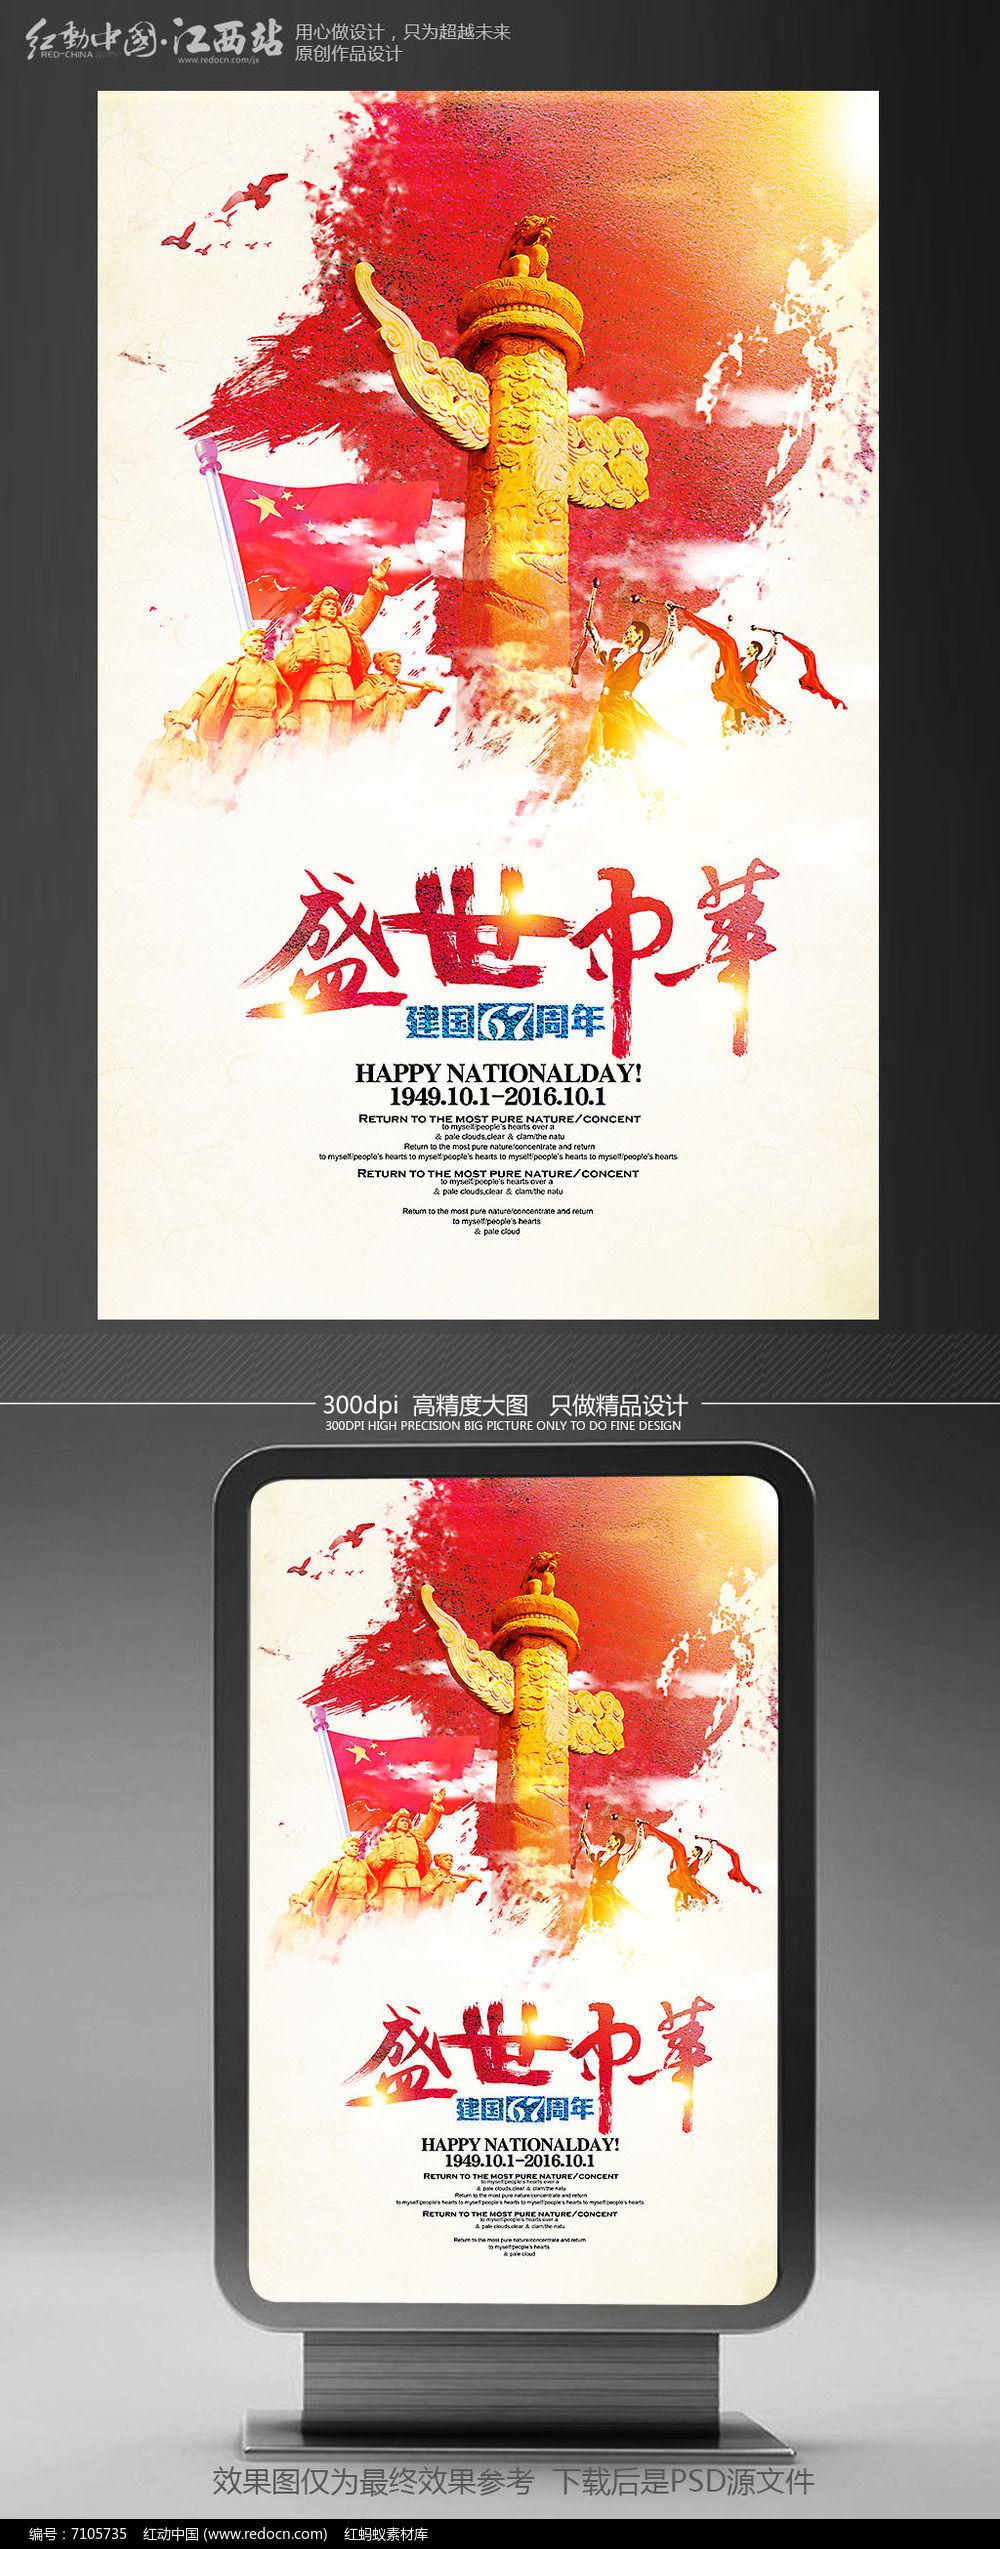 彩墨风盛世中华国庆节海报设计模板图片